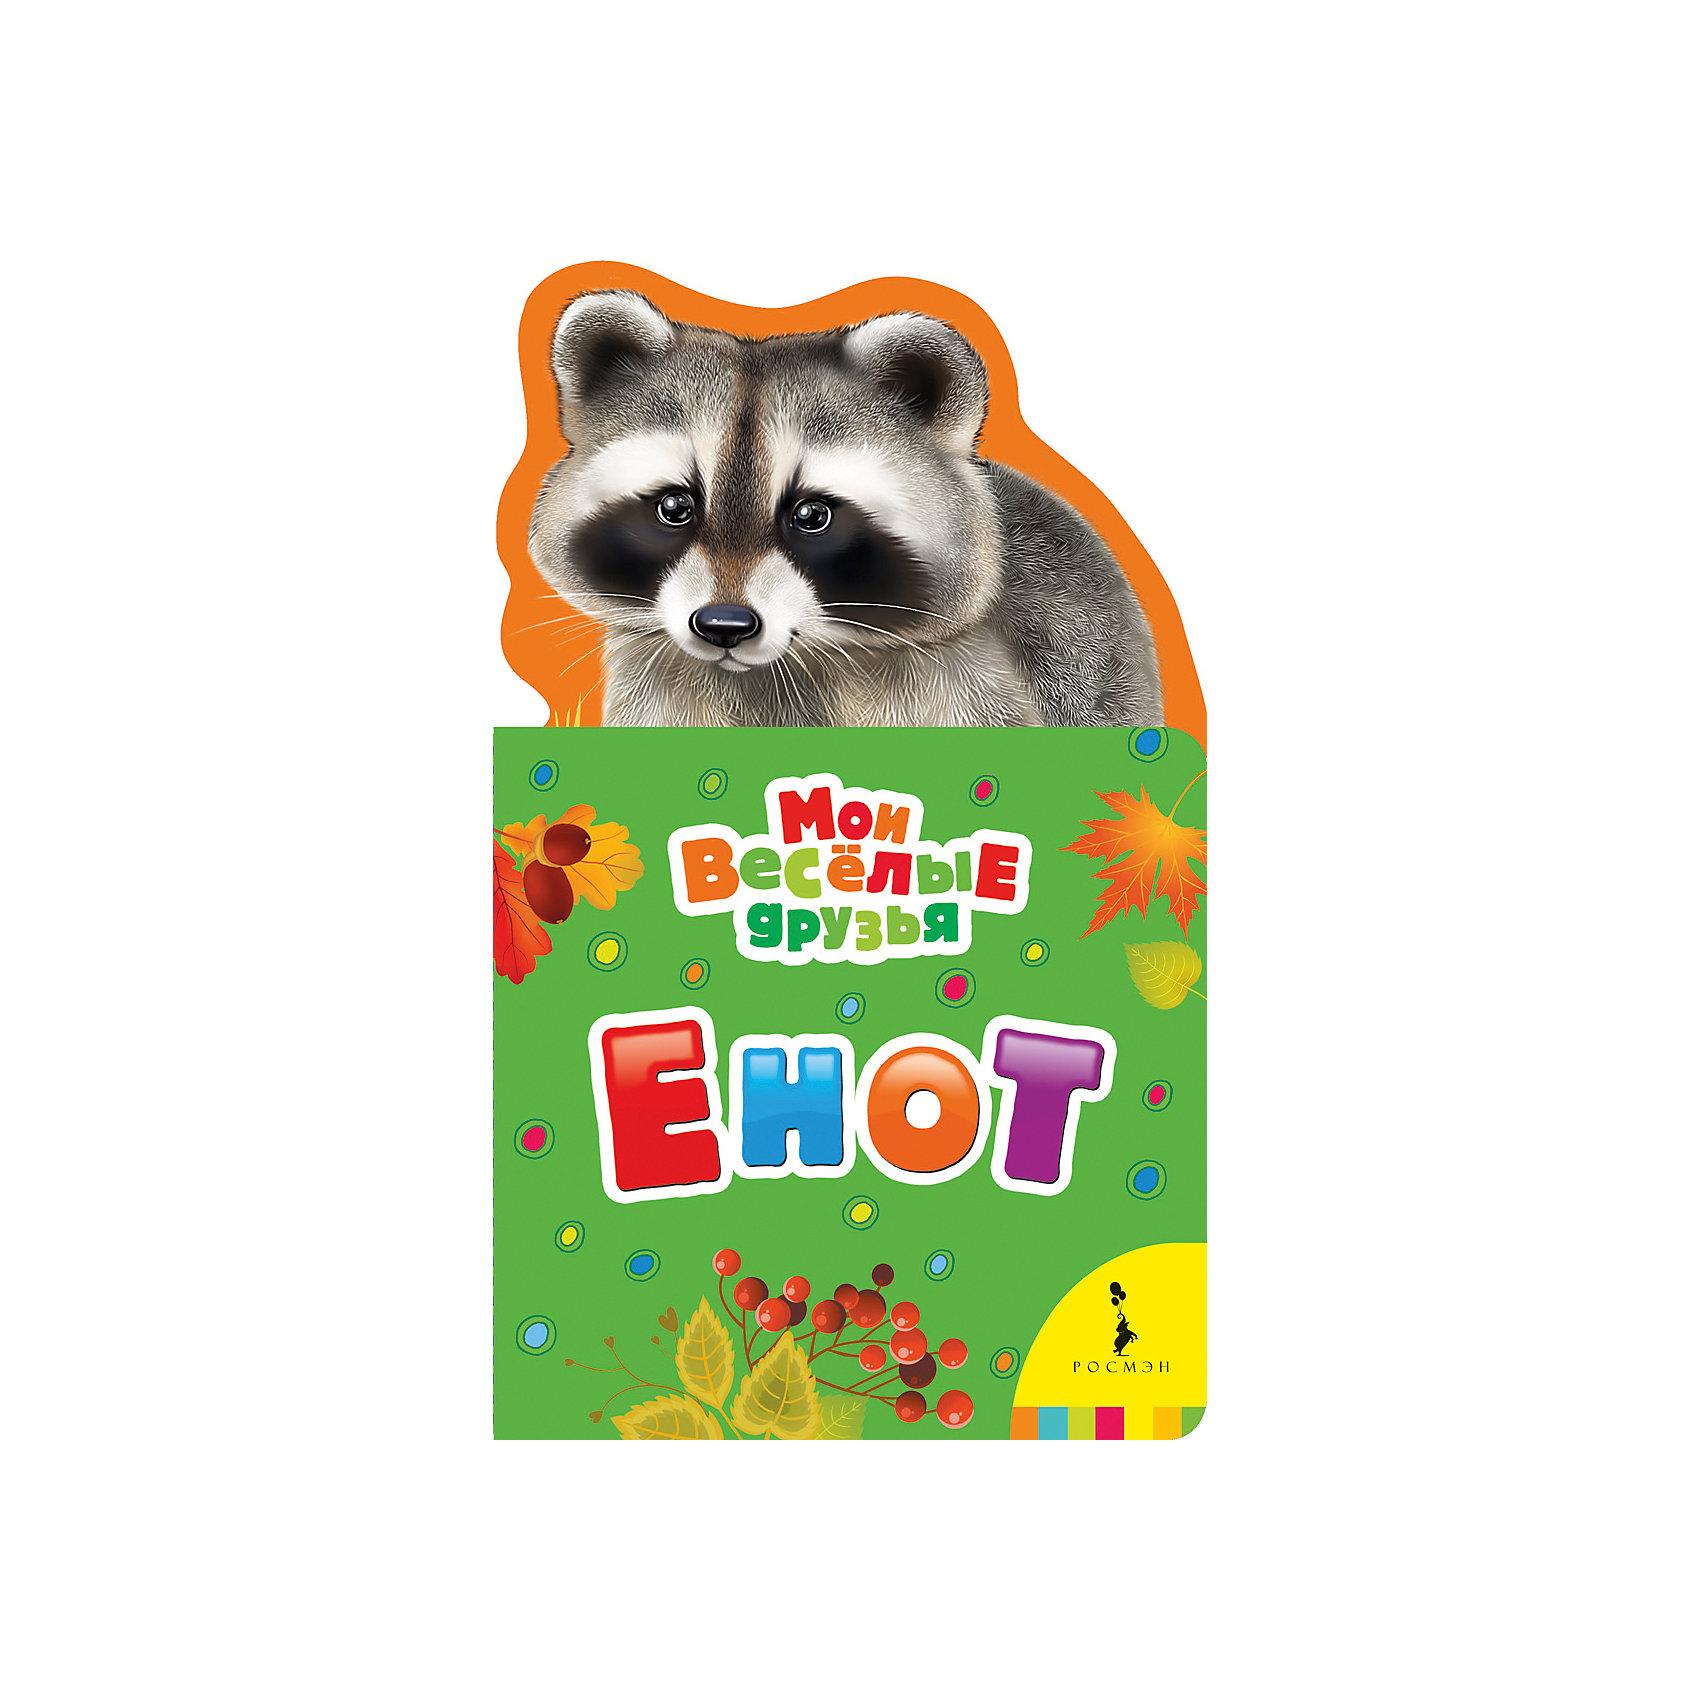 Енот, Мои веселые друзьяПервые книги малыша<br>Характеристики товара:<br><br>- цвет: разноцветный;<br>- материал: картон;<br>- страниц: 12;<br>- формат: 21 х 13 см;<br>- обложка: картон;<br>- с вырубкой. <br><br>Издания серии Мои веселые друзья - отличный способ занять ребенка! Эта красочная книга станет отличным подарком для родителей и малыша. Она содержит в себе рассказ о животных, которых так любят дети. Отличный способ привить малышу любовь к чтению! Удобный формат и плотные странички позволят брать книгу с собой в поездки.<br>Чтение и рассматривание картинок даже в юном возрасте помогает ребенку развивать память, концентрацию внимания и воображение. Издание произведено из качественных материалов, которые безопасны даже для самых маленьких.<br><br>Издание Енот, Мои веселые друзья от компании Росмэн можно купить в нашем интернет-магазине.<br><br>Ширина мм: 205<br>Глубина мм: 125<br>Высота мм: 8<br>Вес г: 80<br>Возраст от месяцев: -2147483648<br>Возраст до месяцев: 2147483647<br>Пол: Унисекс<br>Возраст: Детский<br>SKU: 5110274